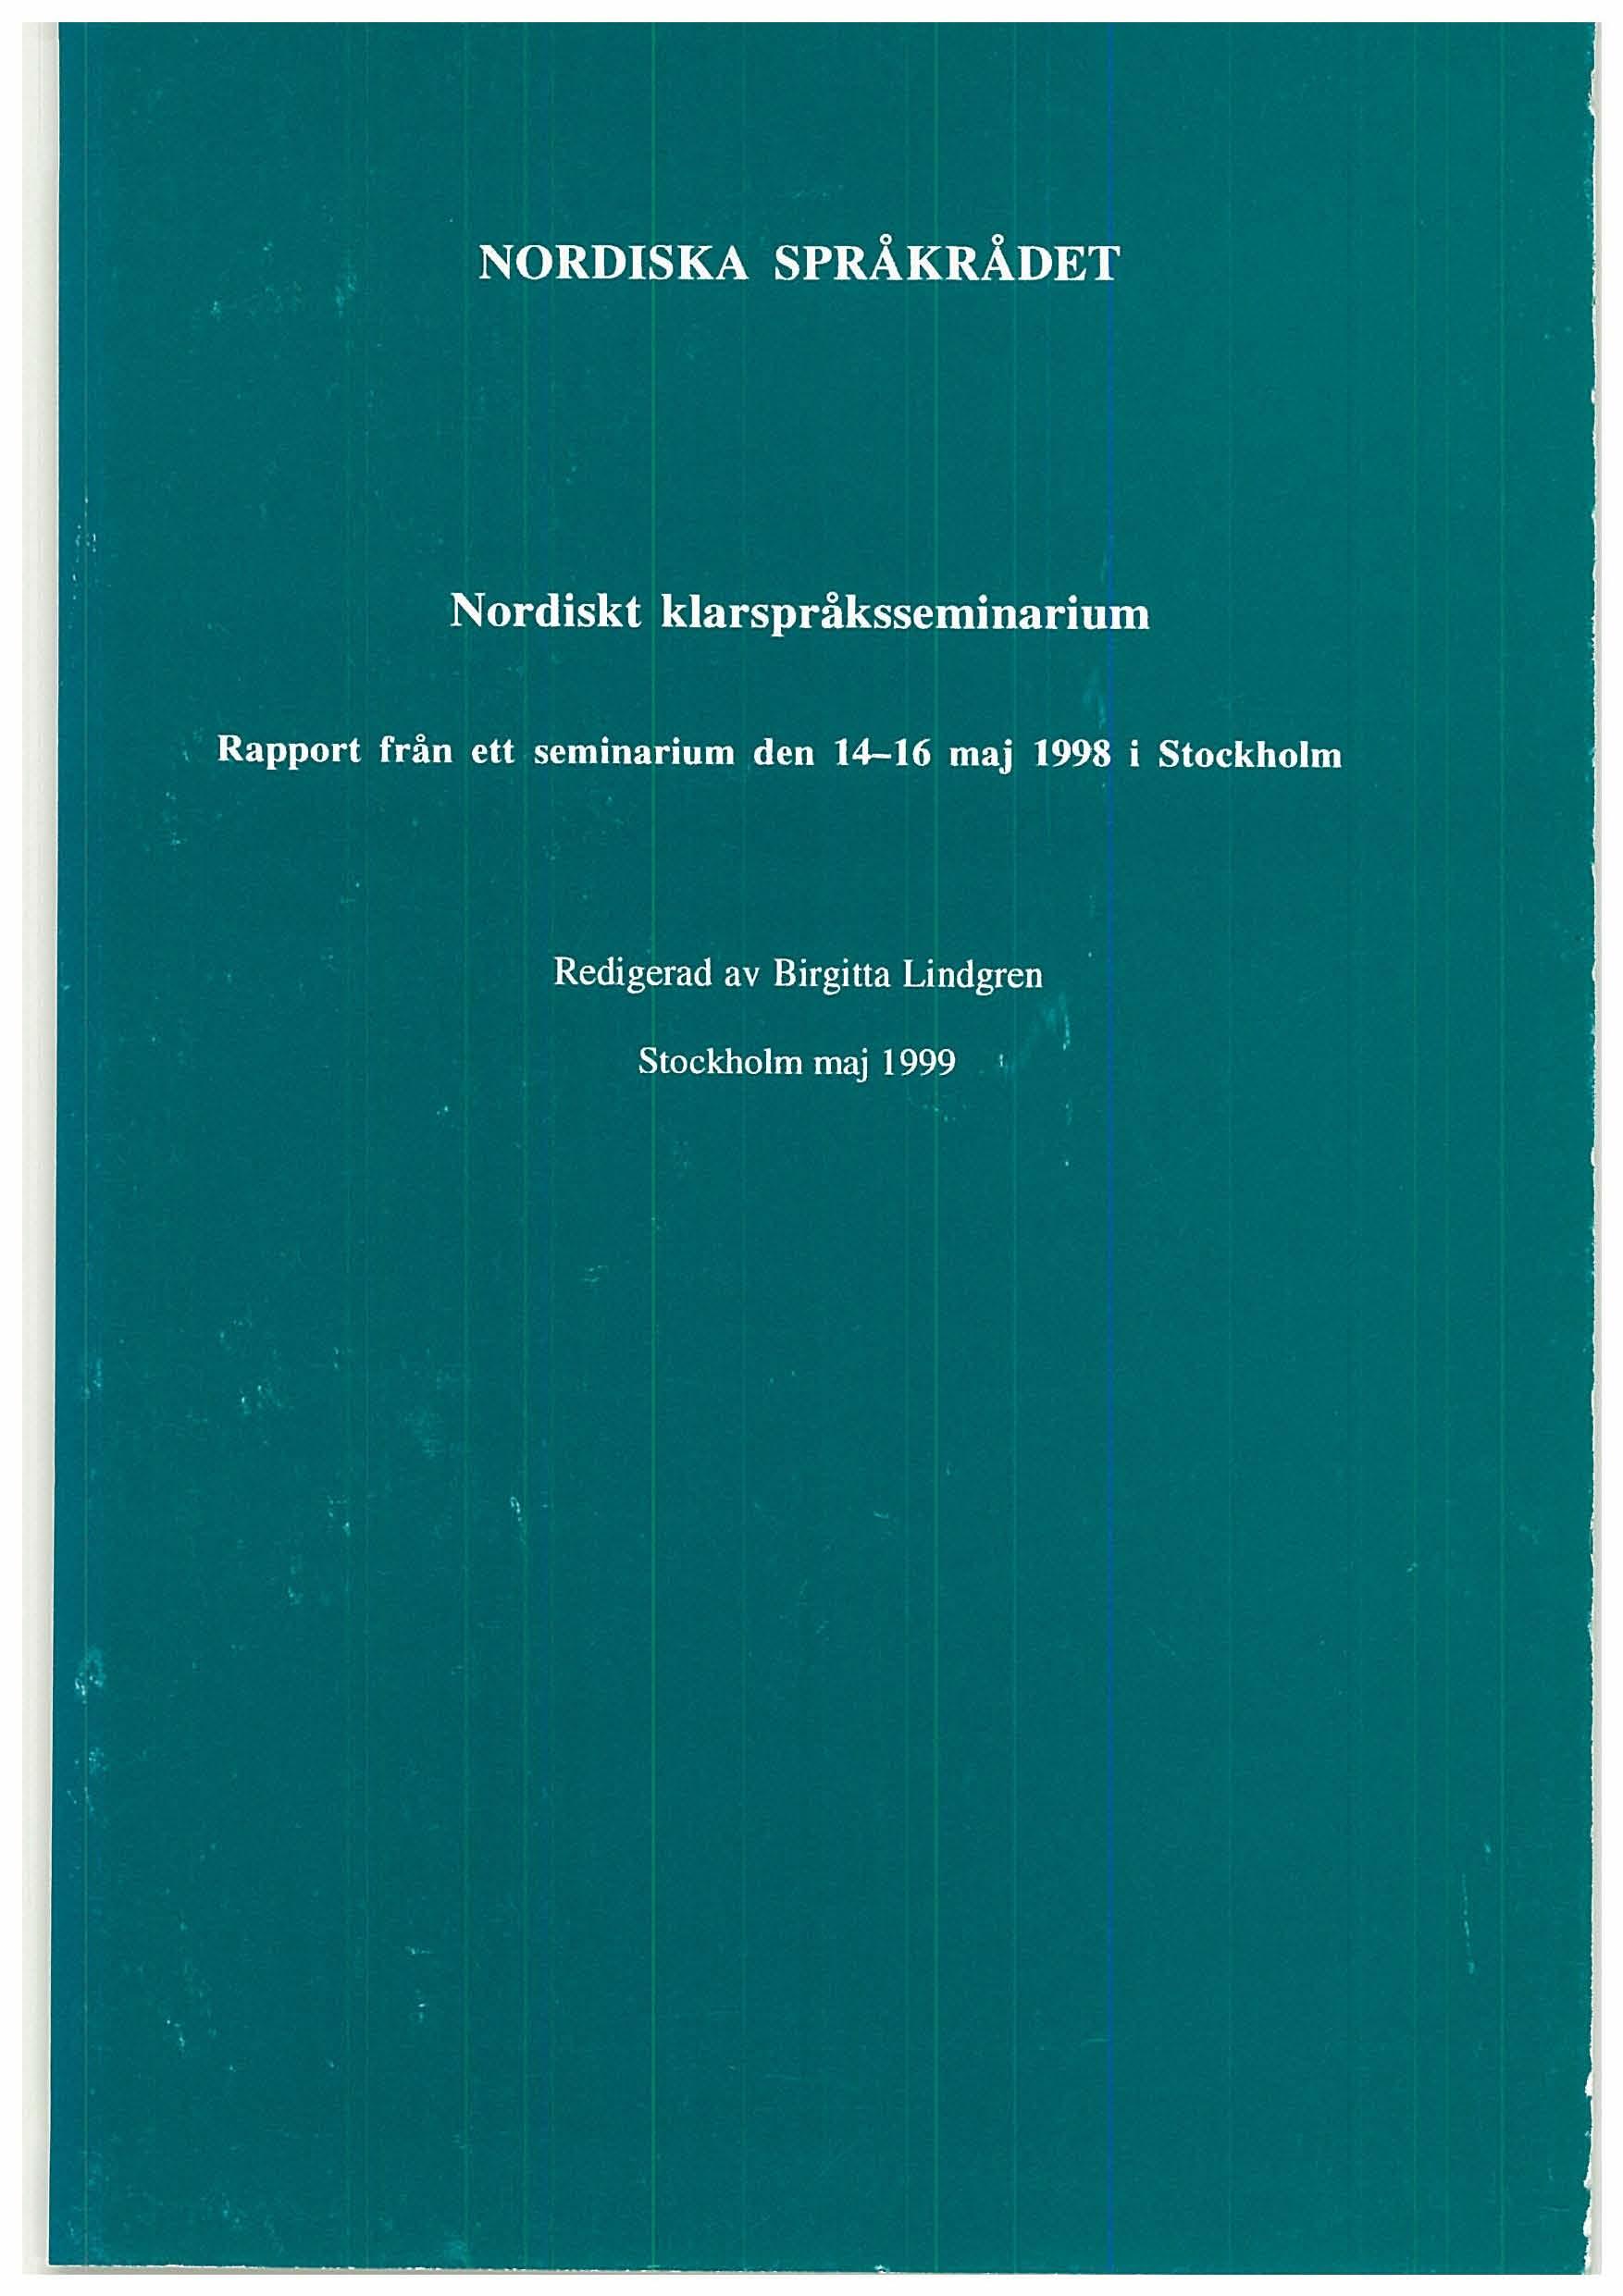 Se 1999: Nordiskt klarspråksseminarium - Rapport från ett seminarium den 14-16 maj 1998 i Stockholm